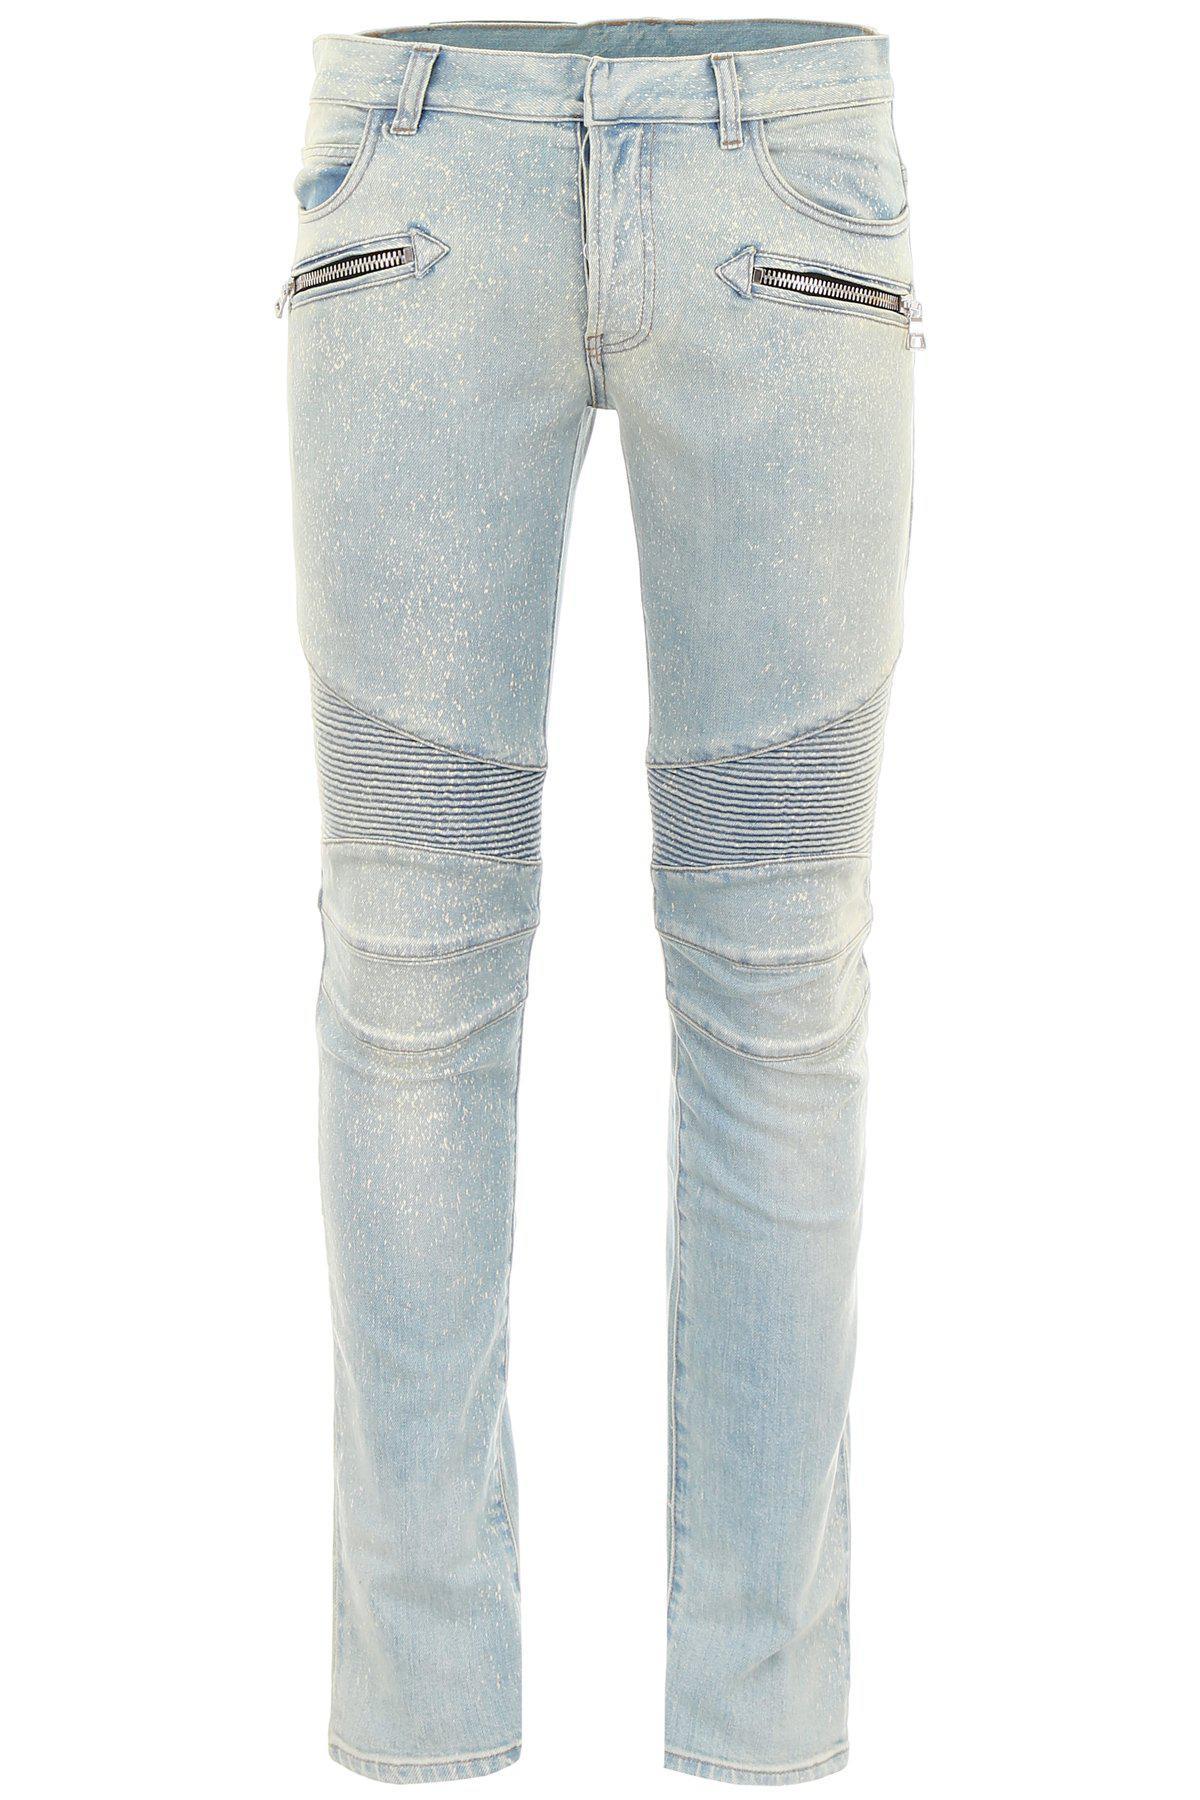 ce163efd Balmain Biker Jeans in Blue - Lyst